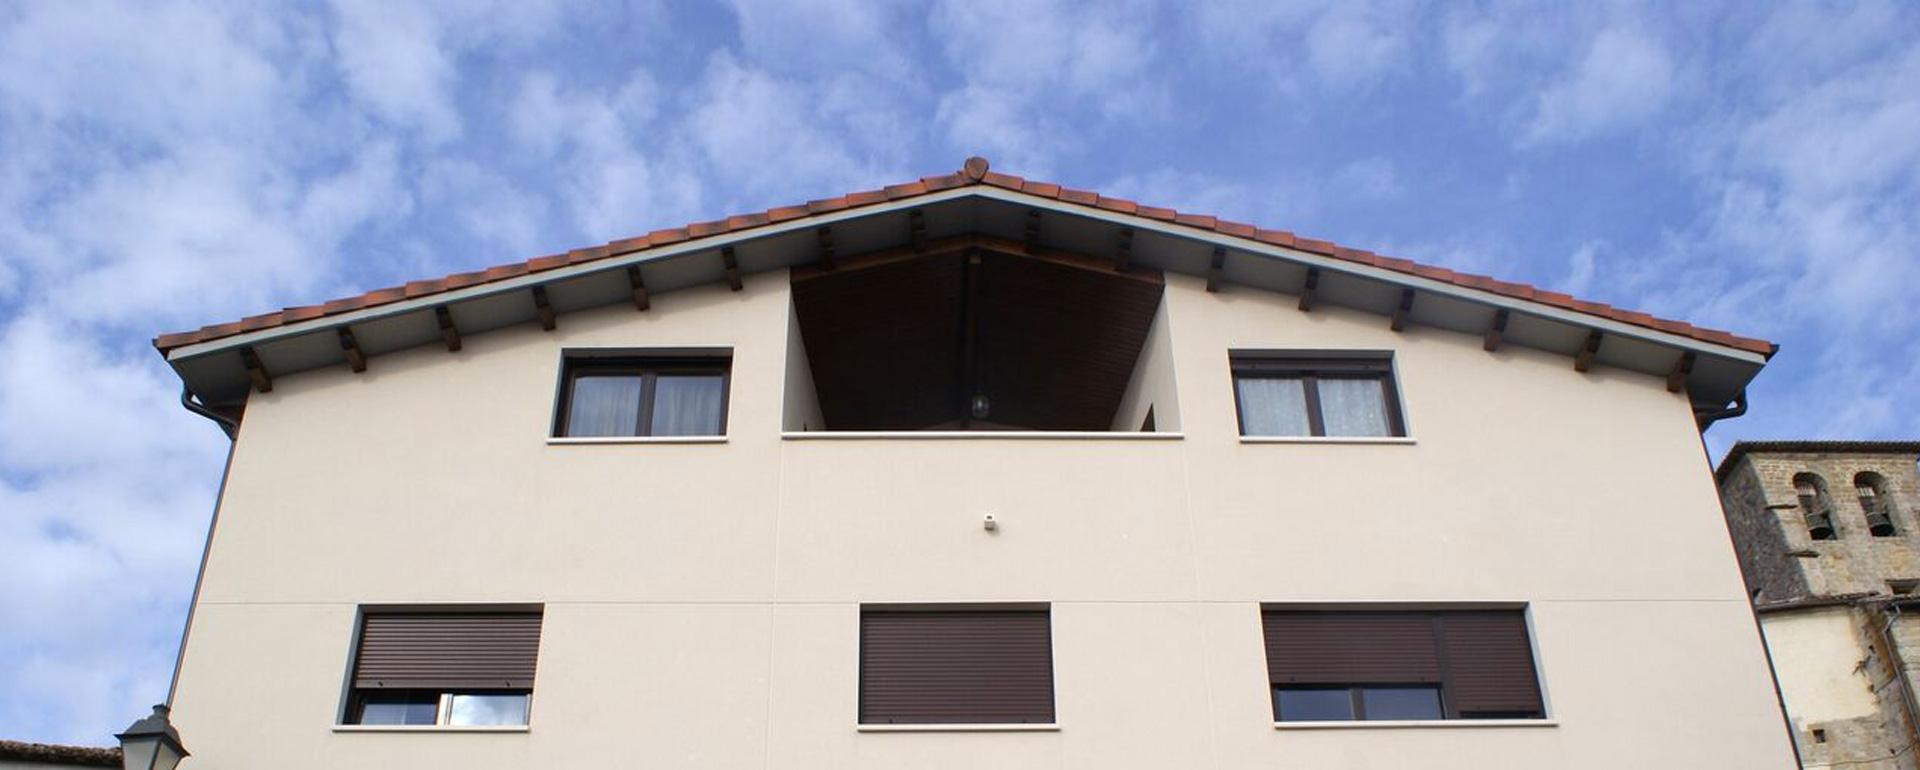 Balcón de vivienda en la cuenca de Pamplona